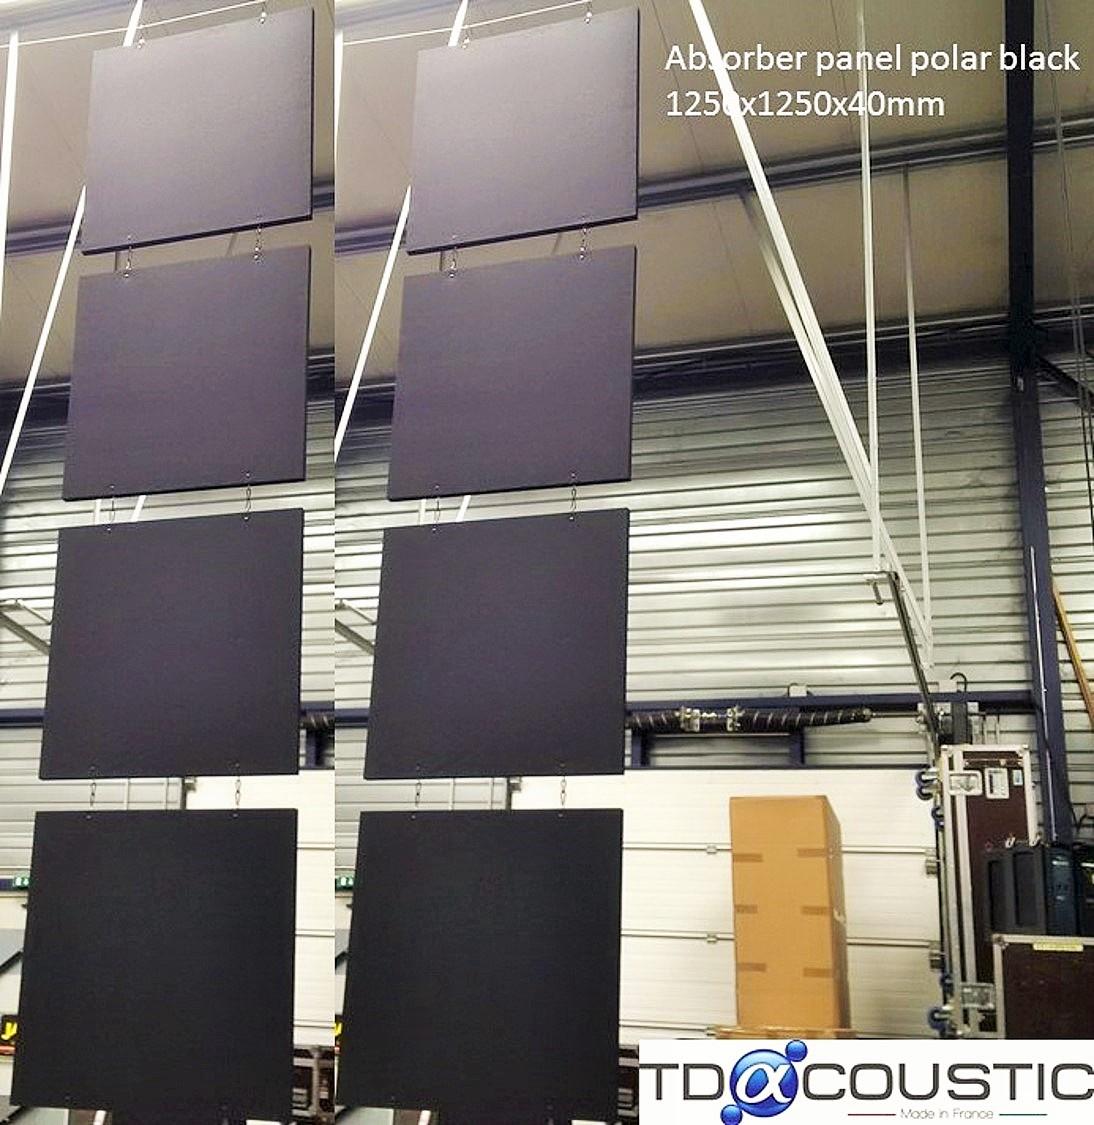 Panneaux acoustiques - Panneaux Absorber Polar classic posé au plafond par suspension